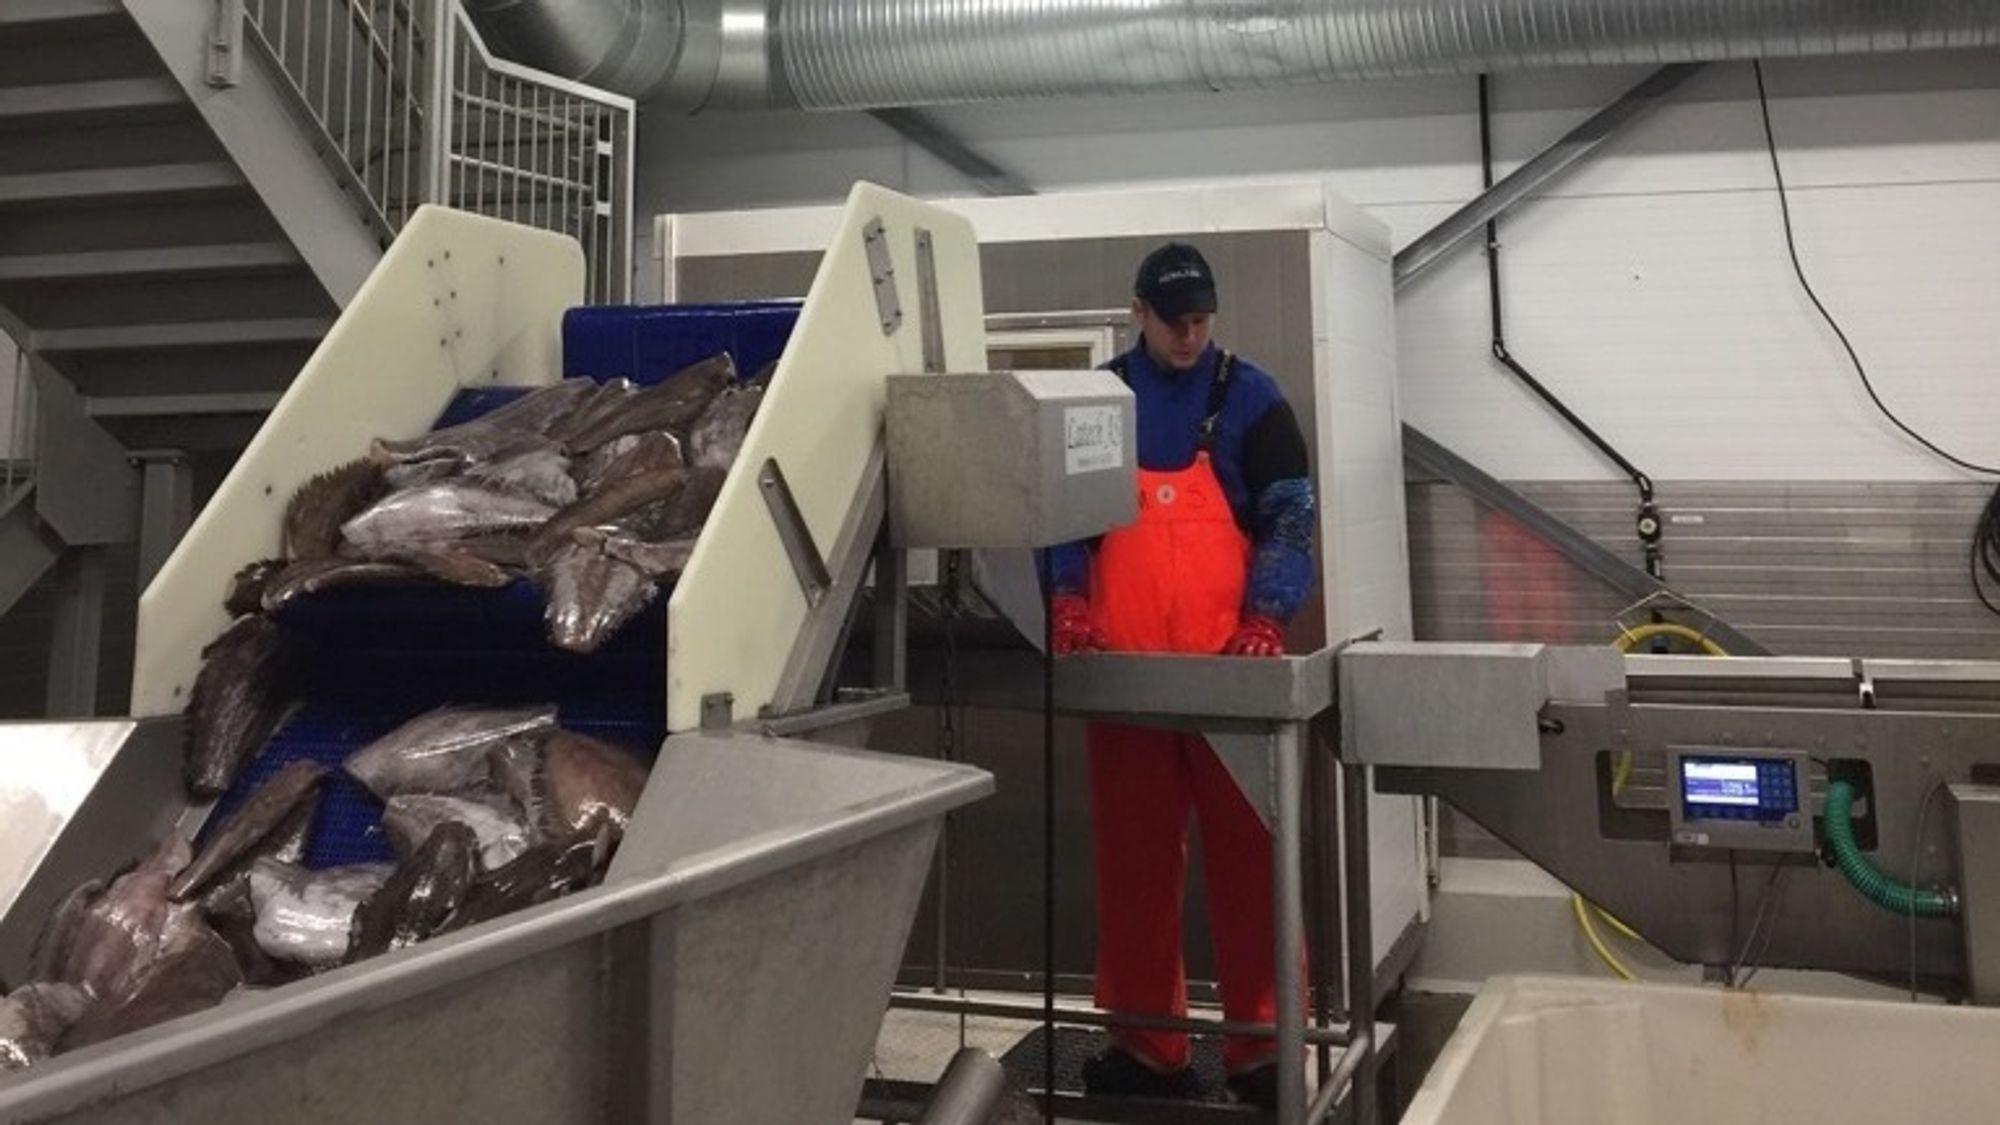 Samlebånd, roboter og store kjølerom trekker mye strøm. Forrige torsdag ble en kompressor i kjølerommet hos Nergård Fisk koblet ut, idet budet fra nettselskapet slo inn på markedsplassen Nodes.